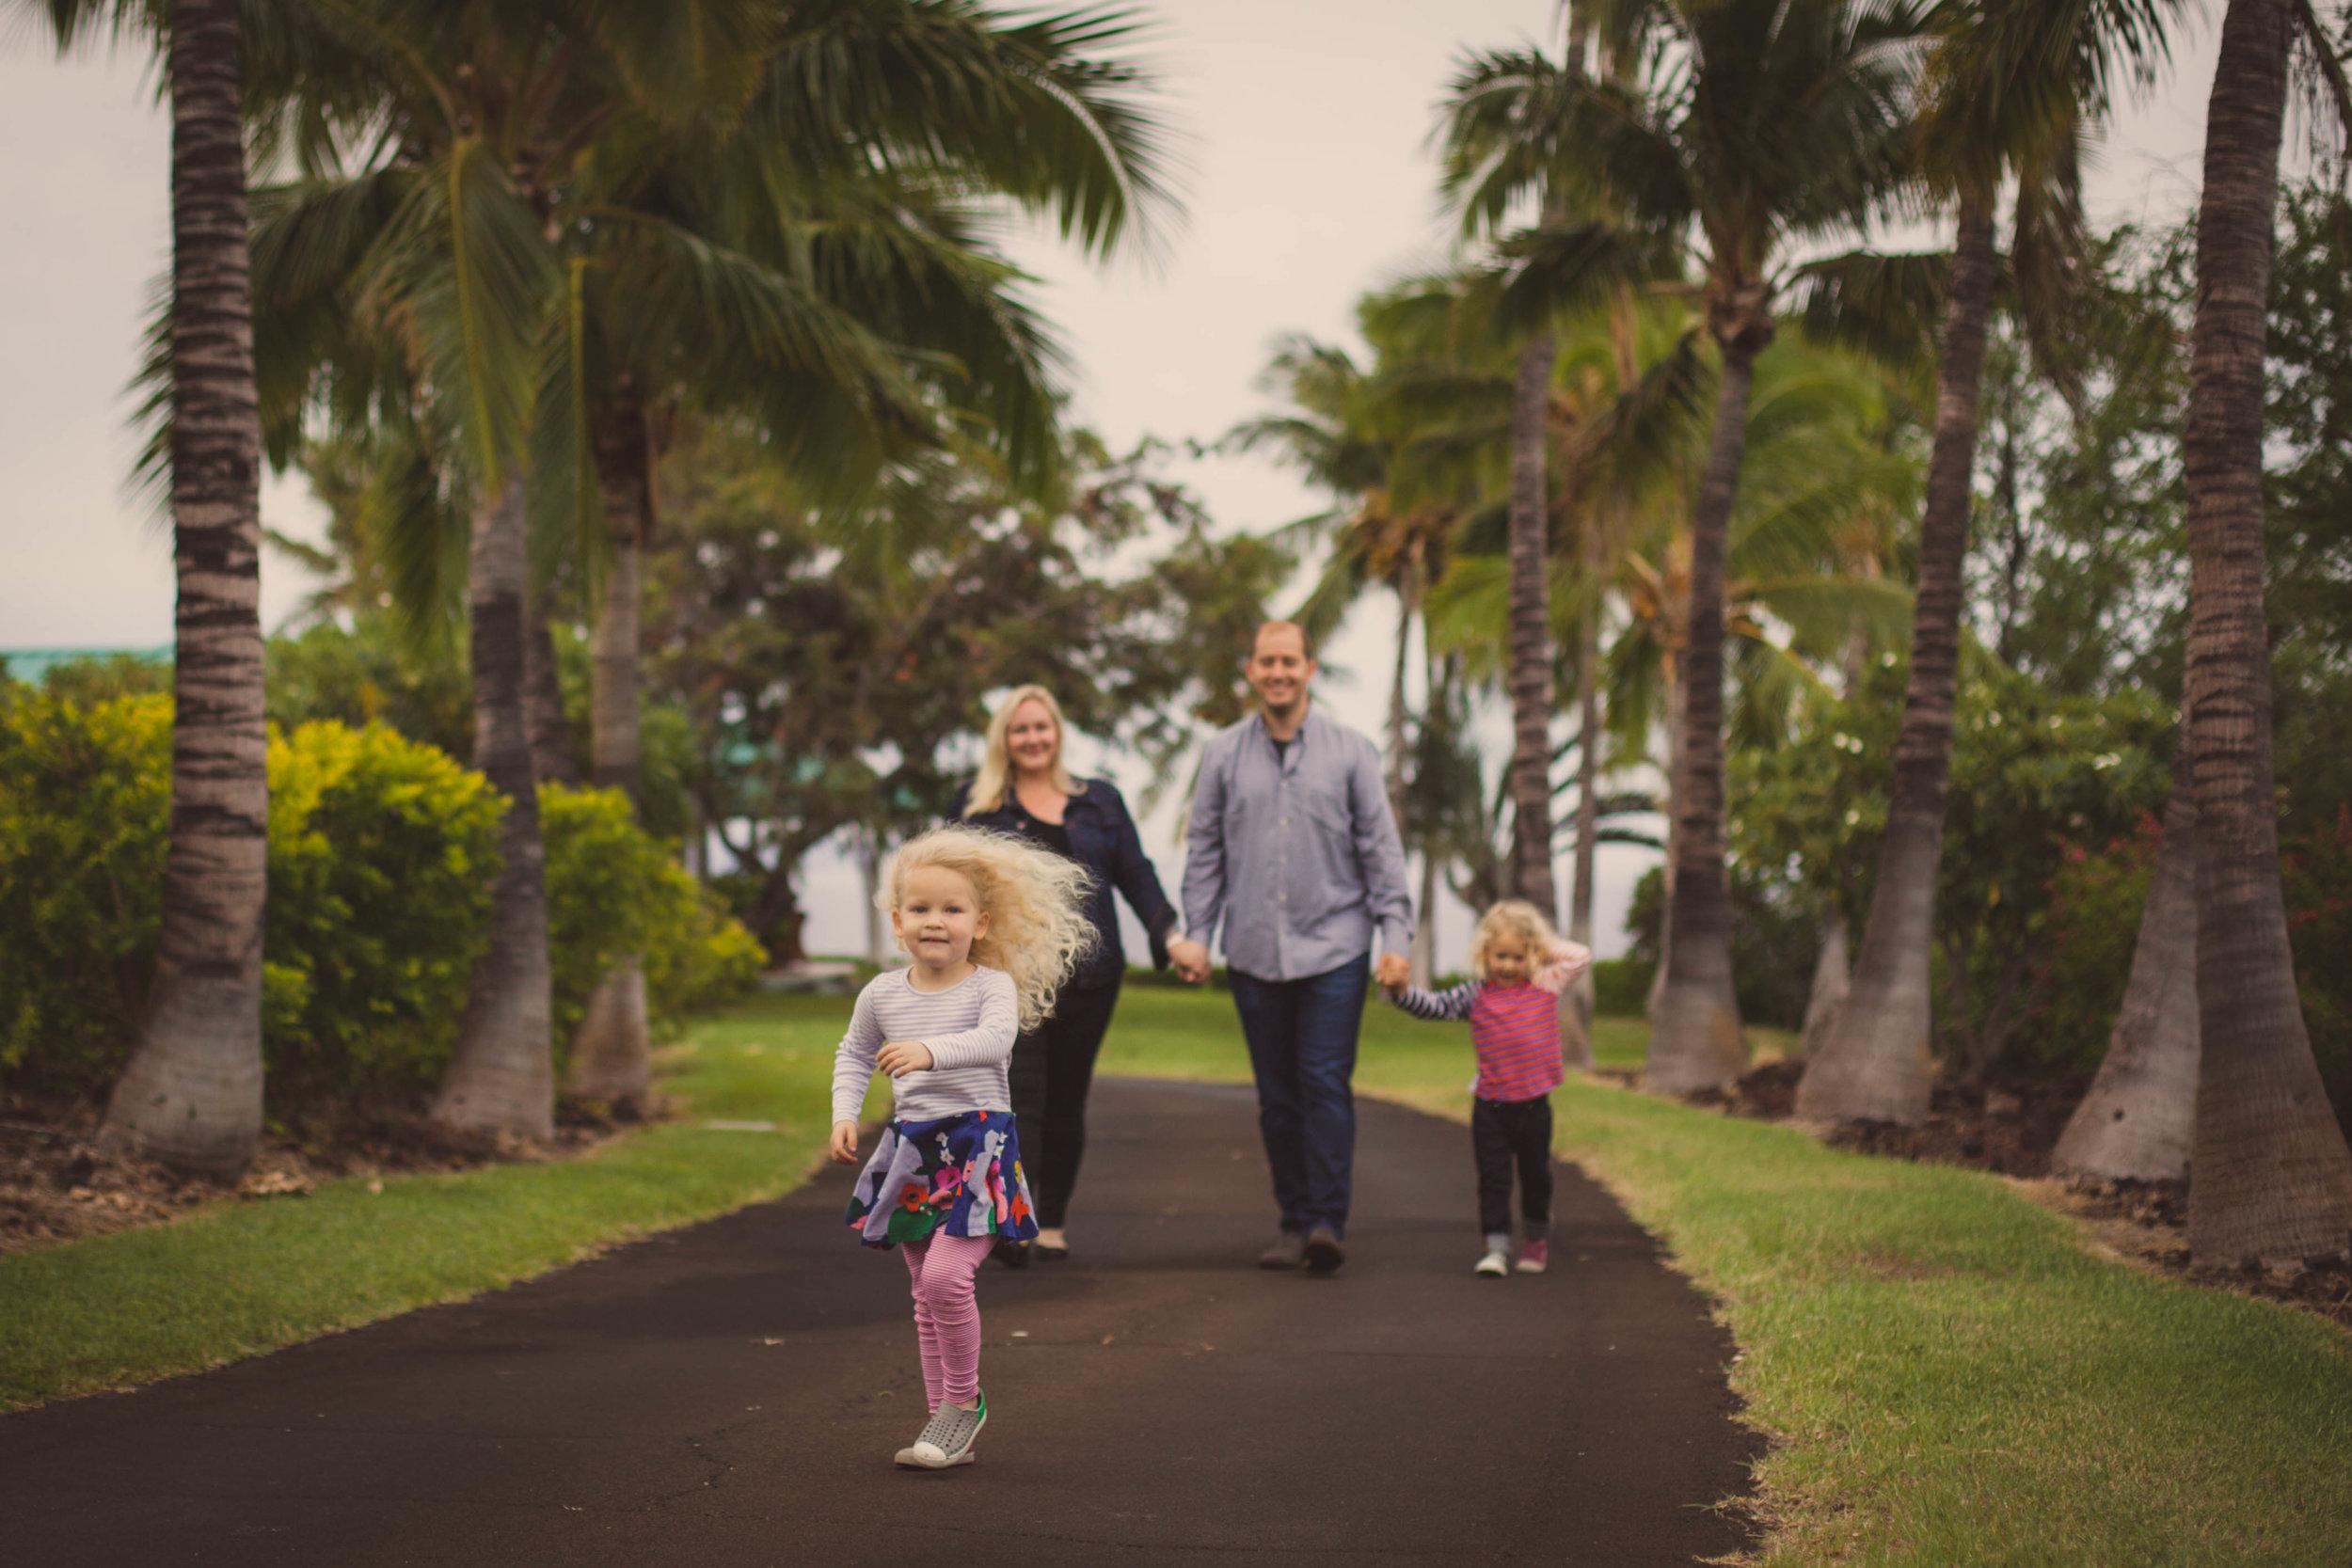 big island hawaii kohala ranch family © kelilina photography 20171127080636-1.jpg